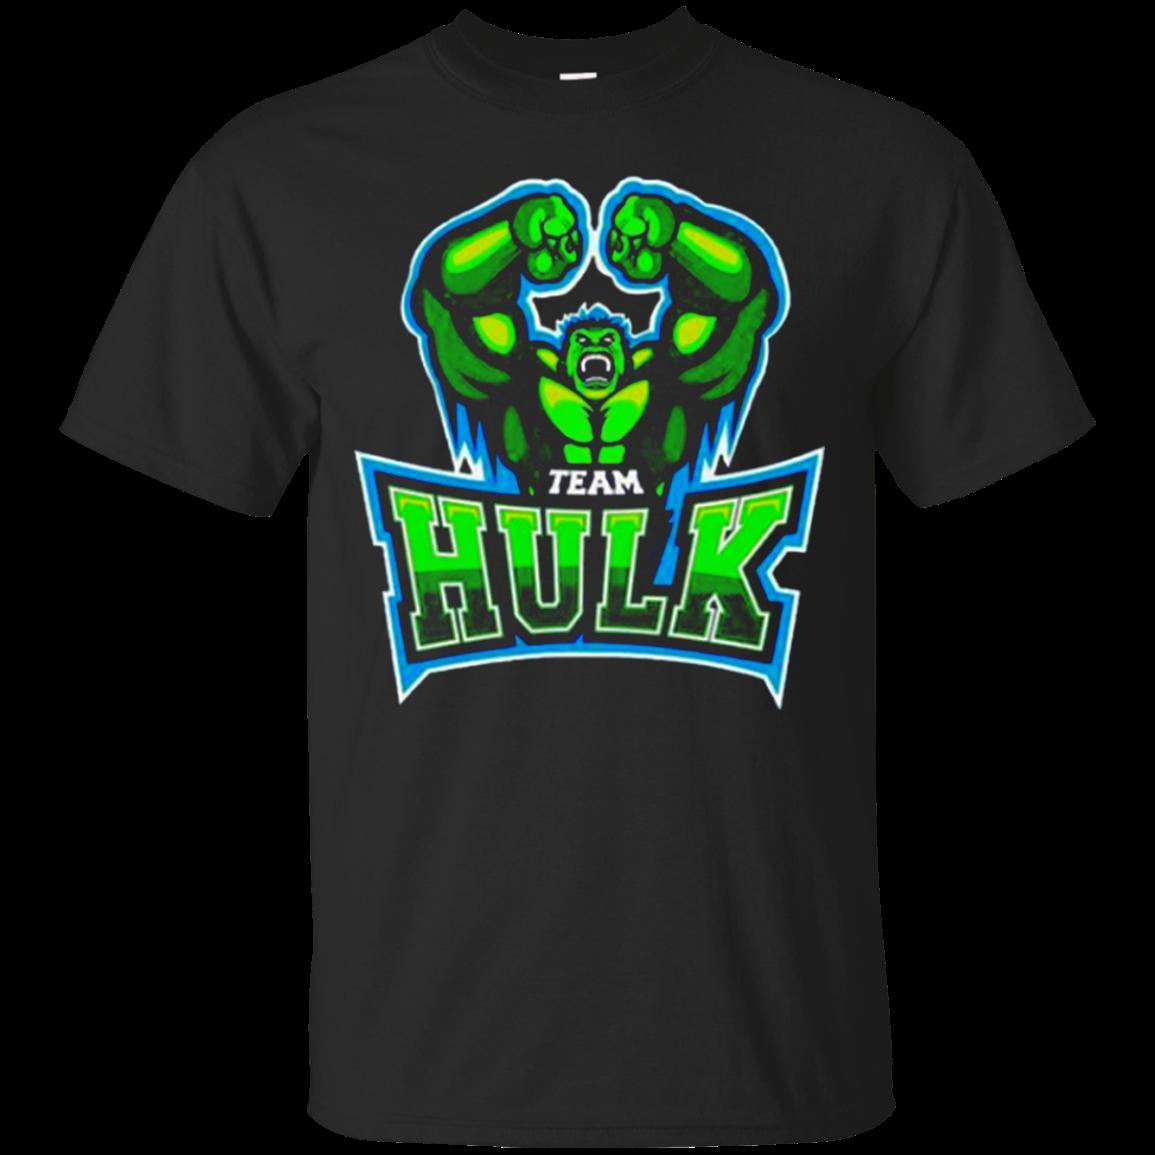 Team Hulk T Shirt